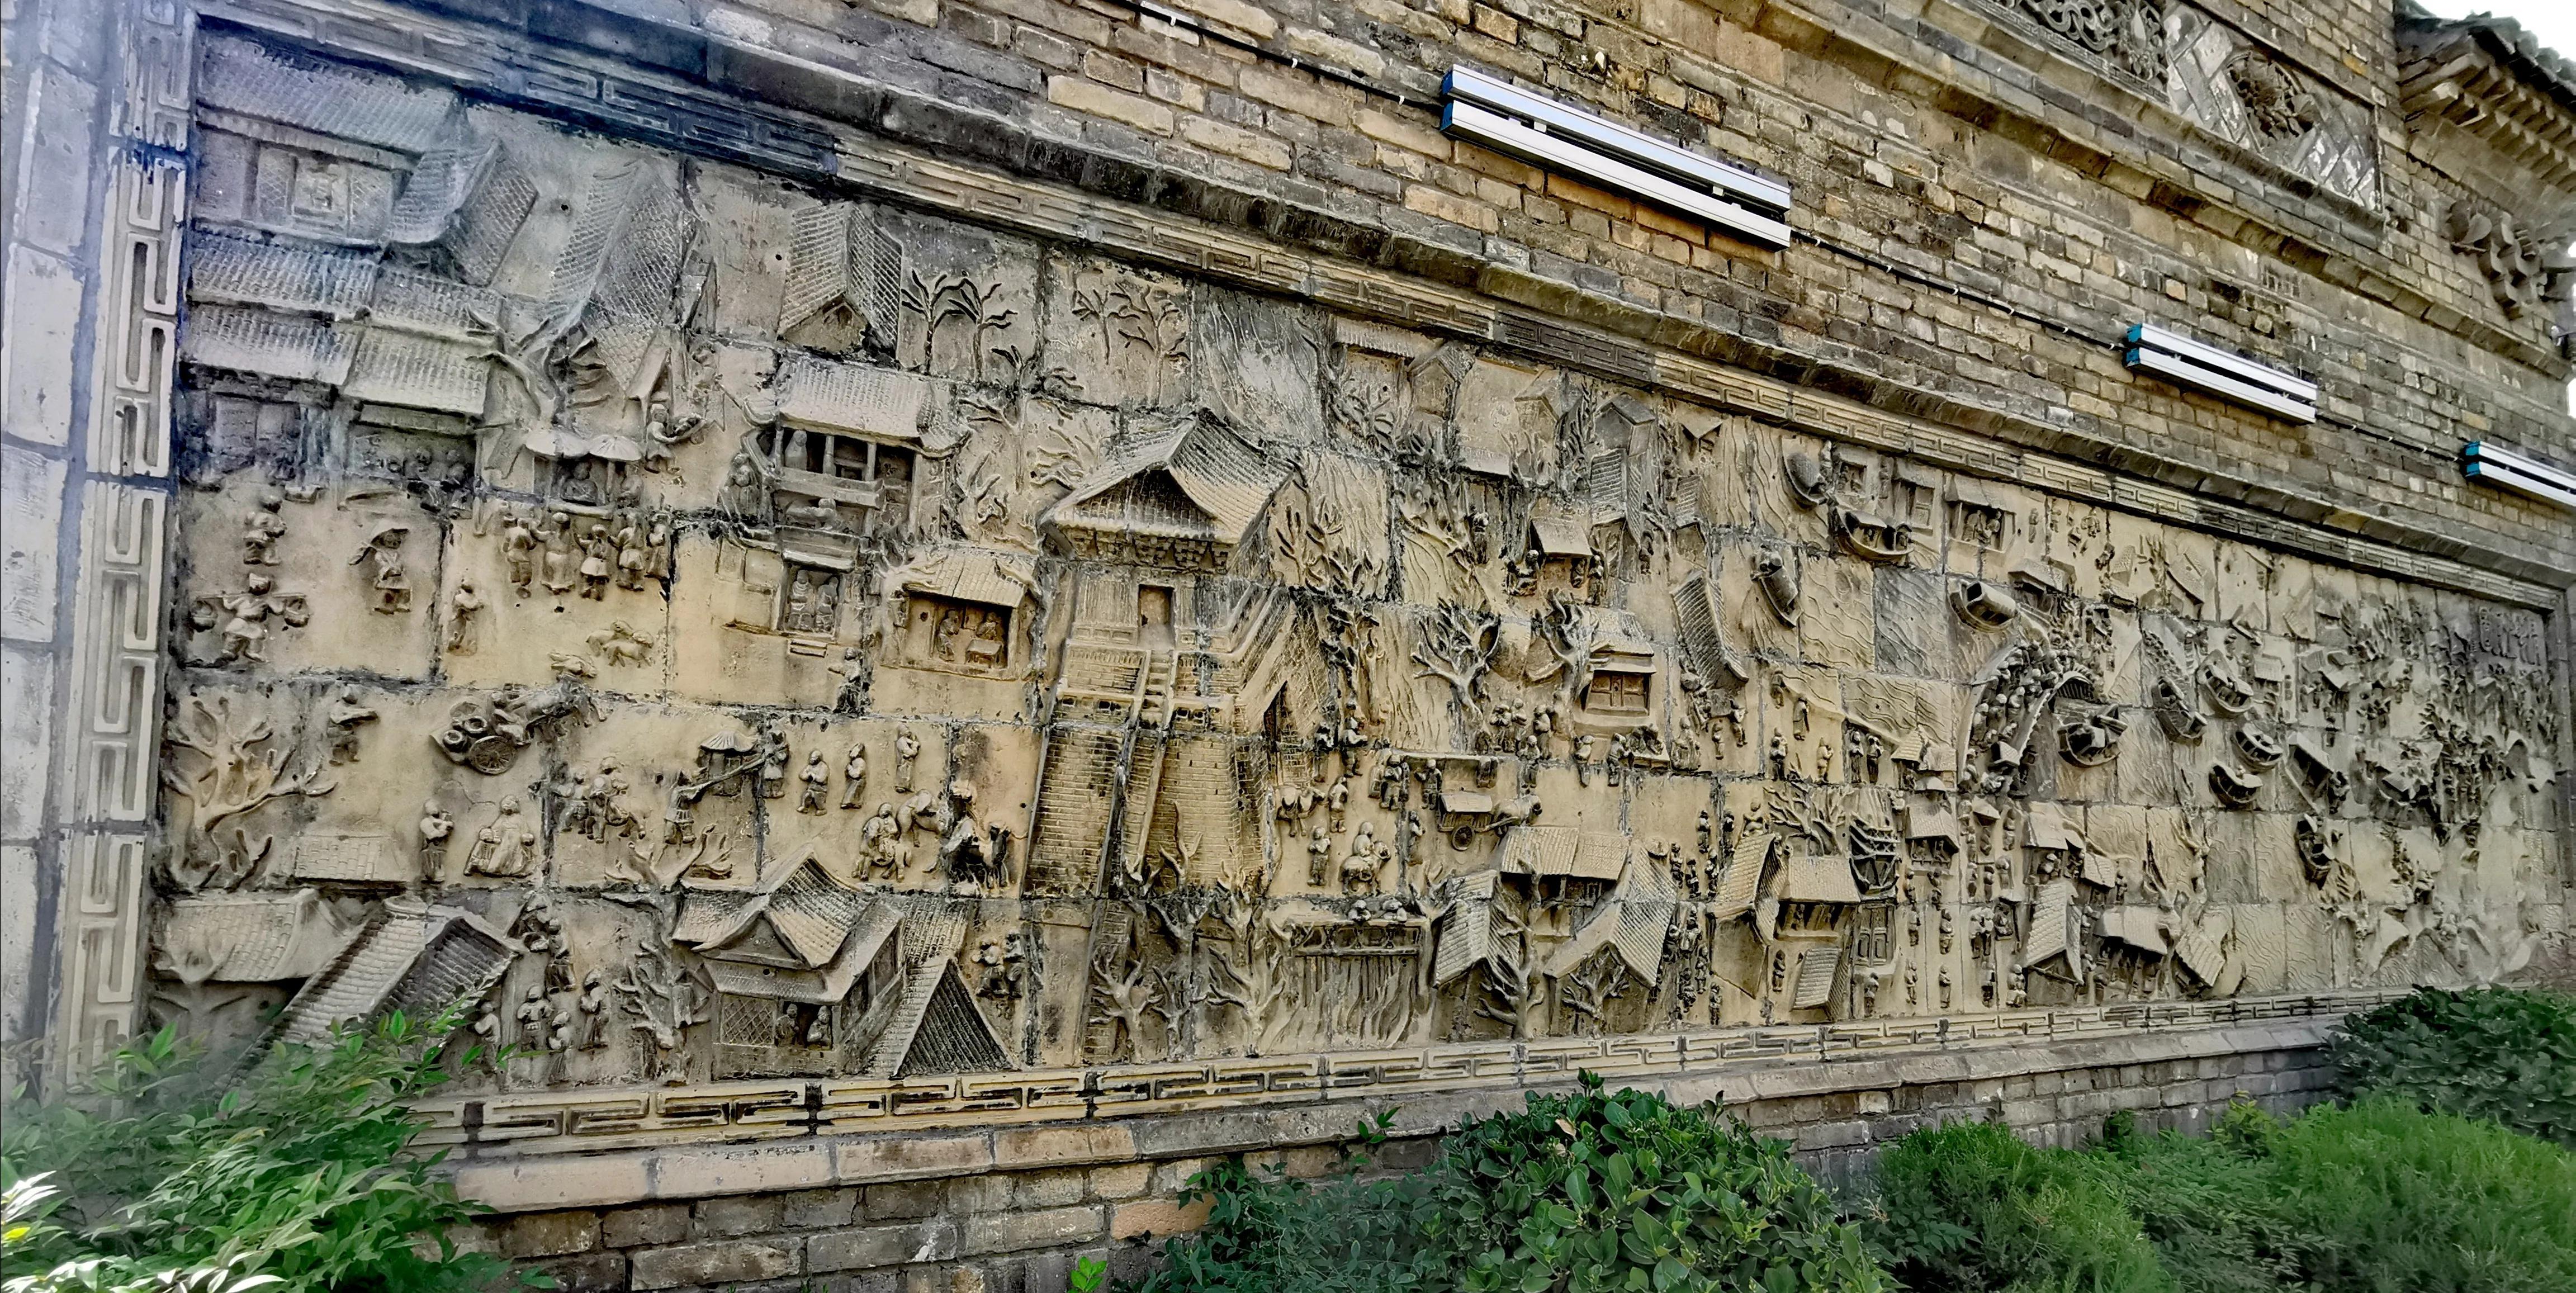 陕西蒲城重泉古城之精美砖雕欣赏